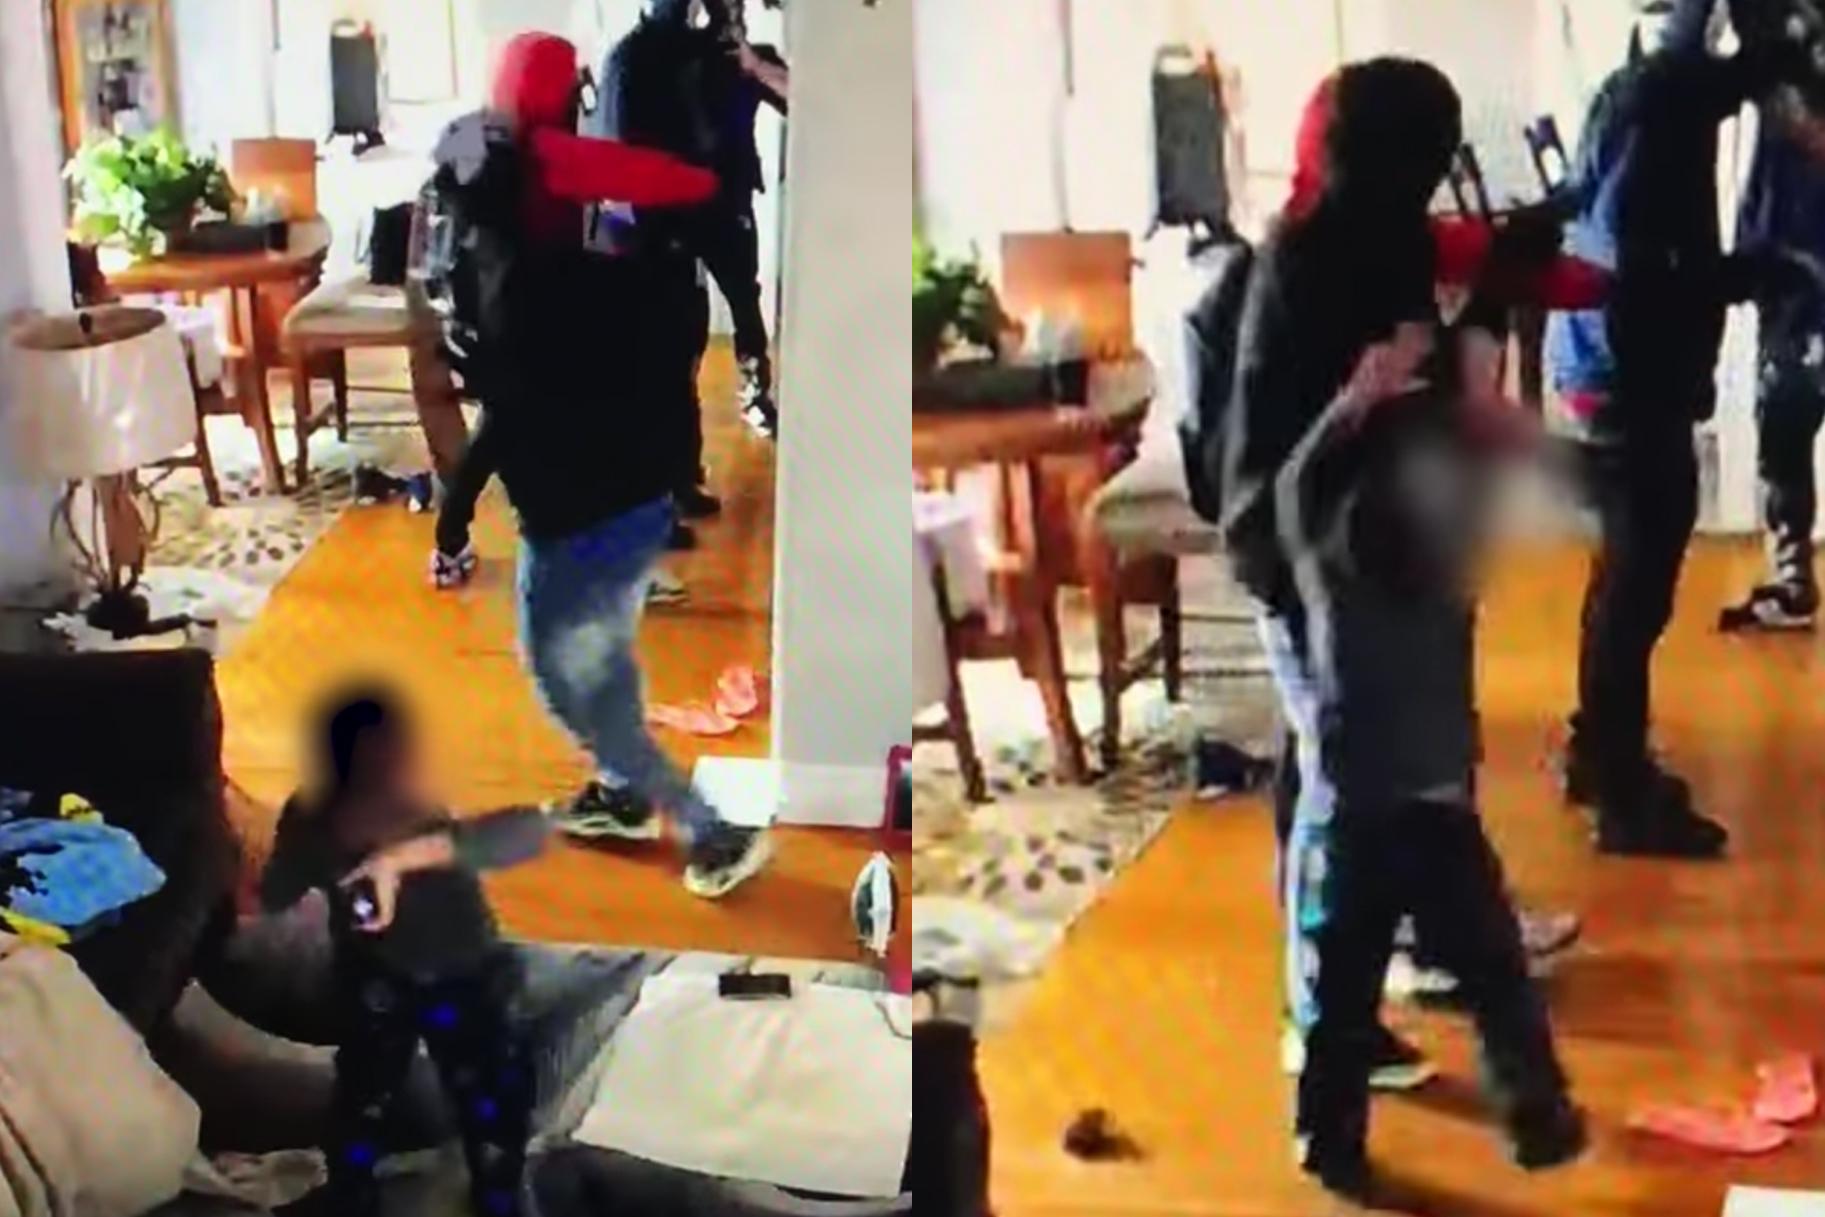 'ניסיתי לזרוק את המכונית שלי אליו': סרטון וידאו מציג צעצועים מטיחים בגיל 5 על שודדים בזמן שהם מגנים על אמא במהלך פלישת הבית